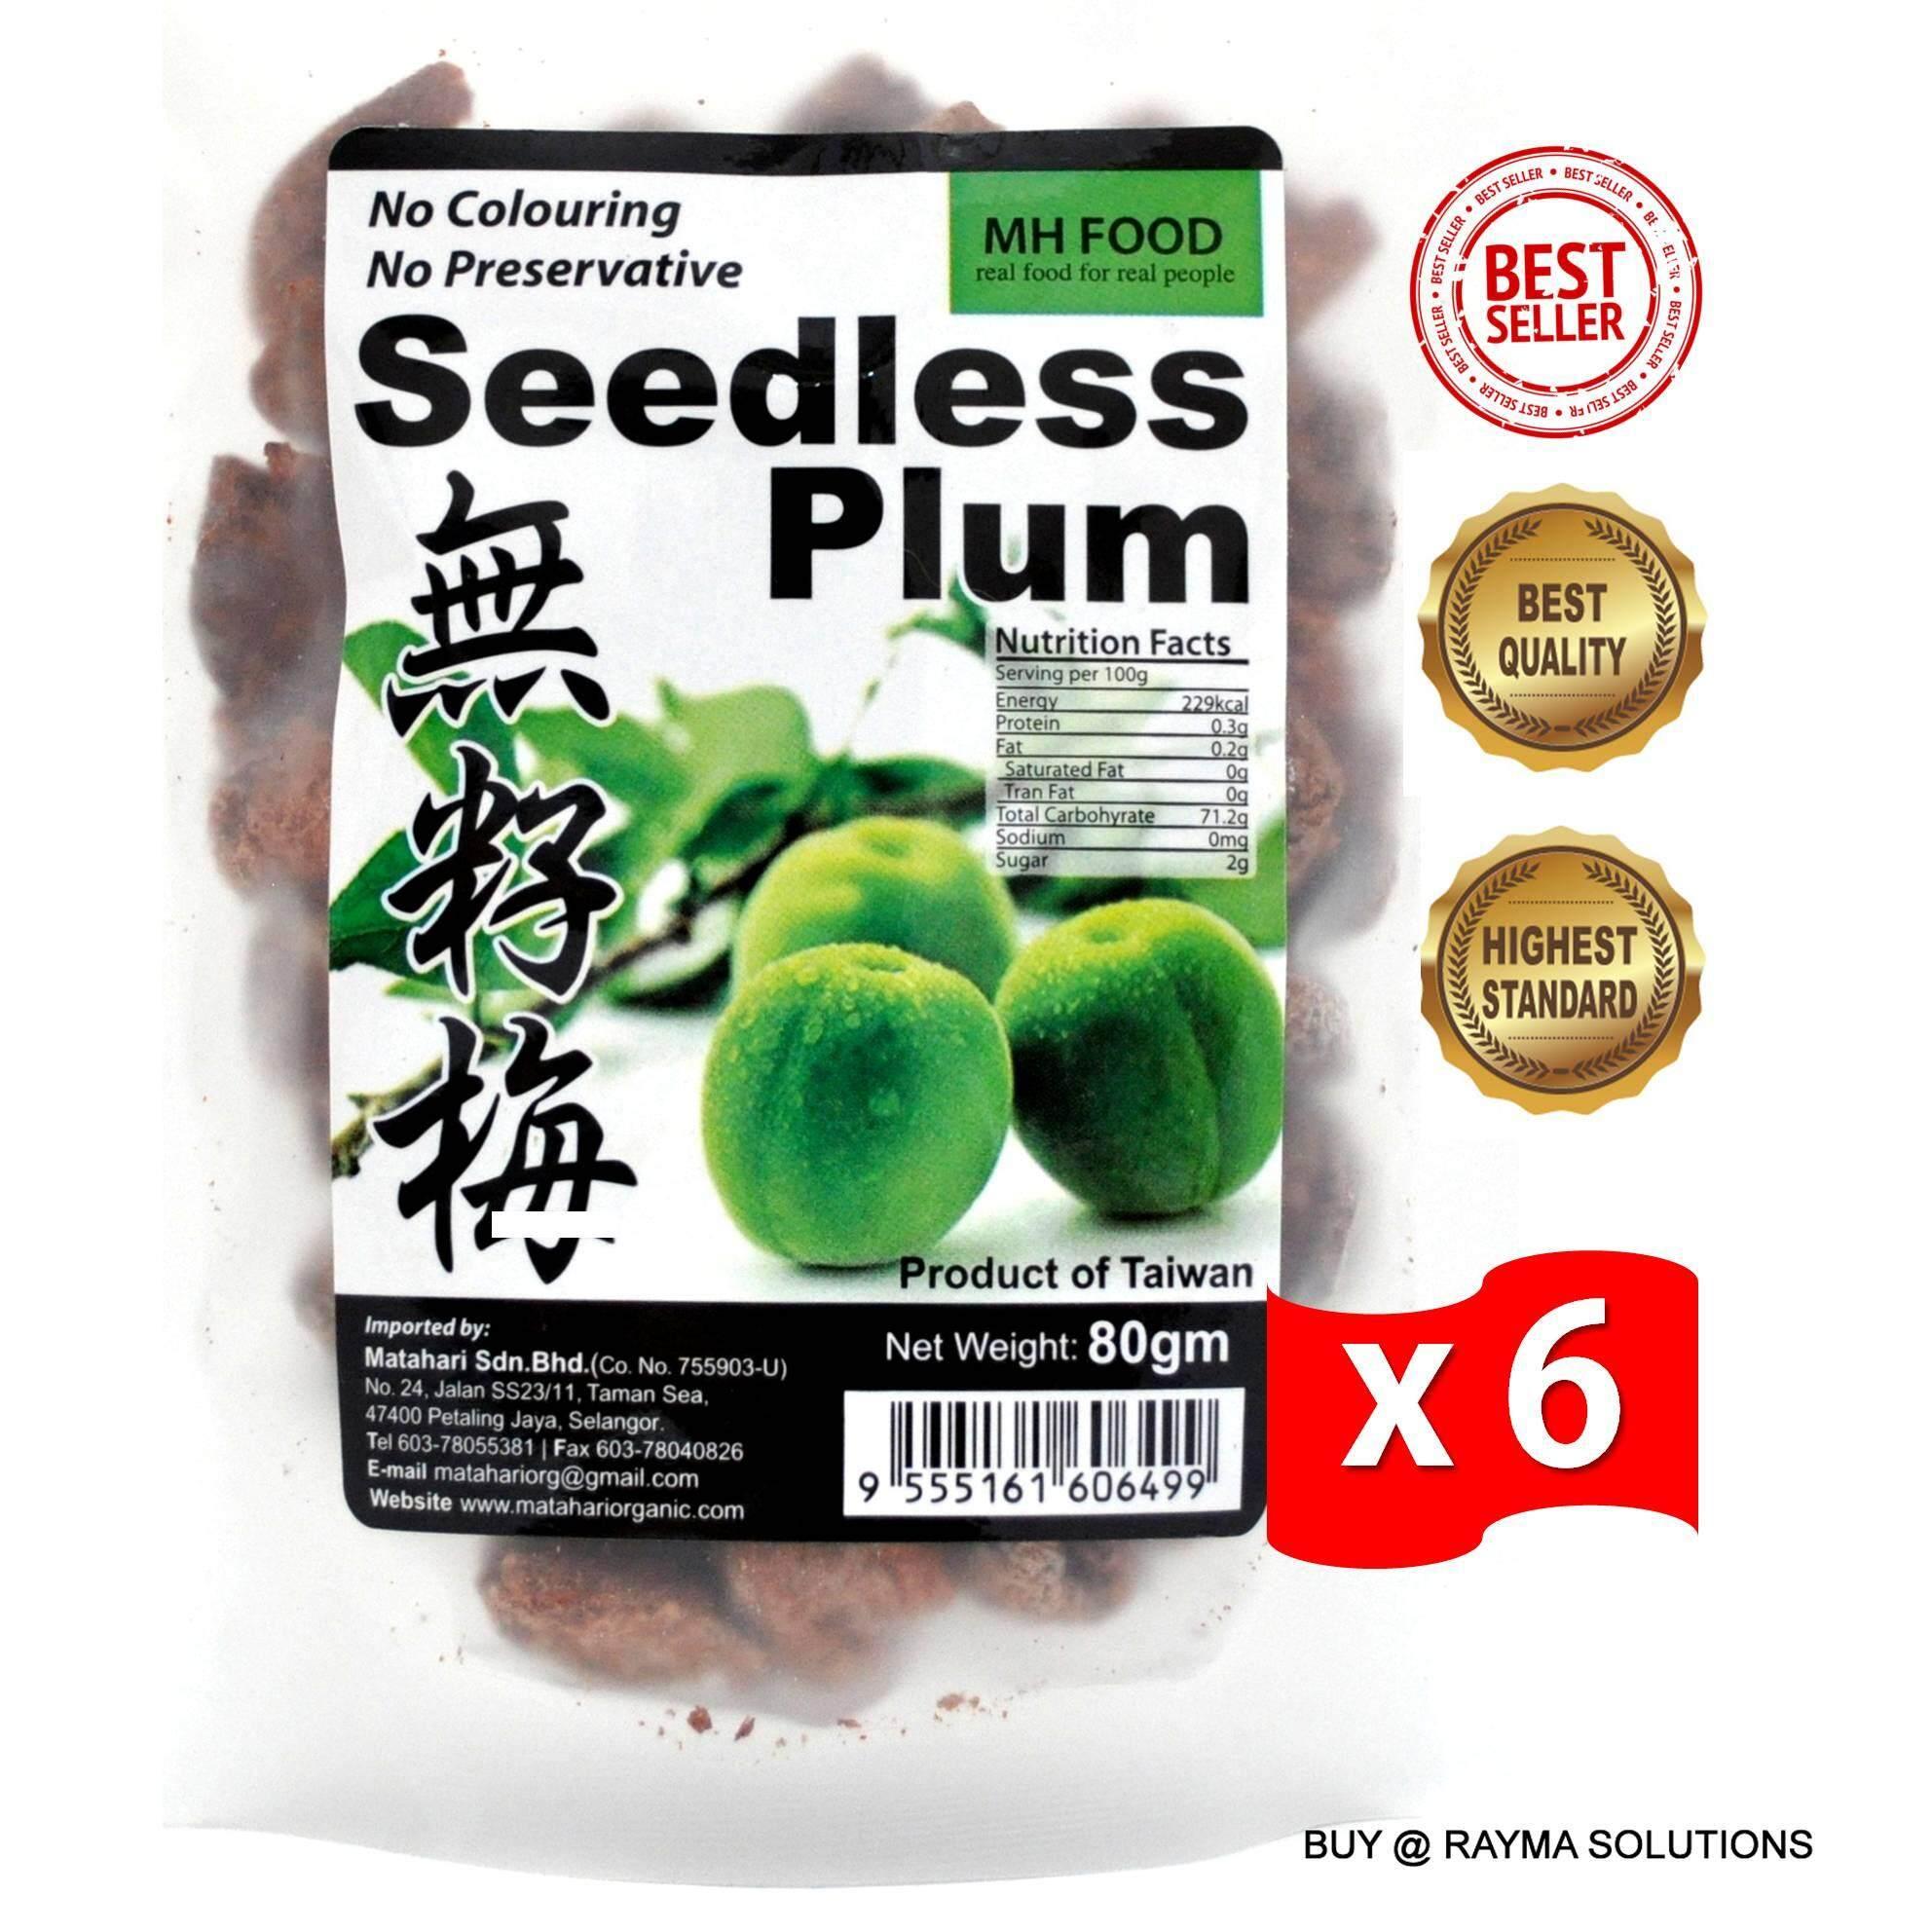 [ Best Deal ] MH FOOD Seedless Plum 80g (6 Packs)